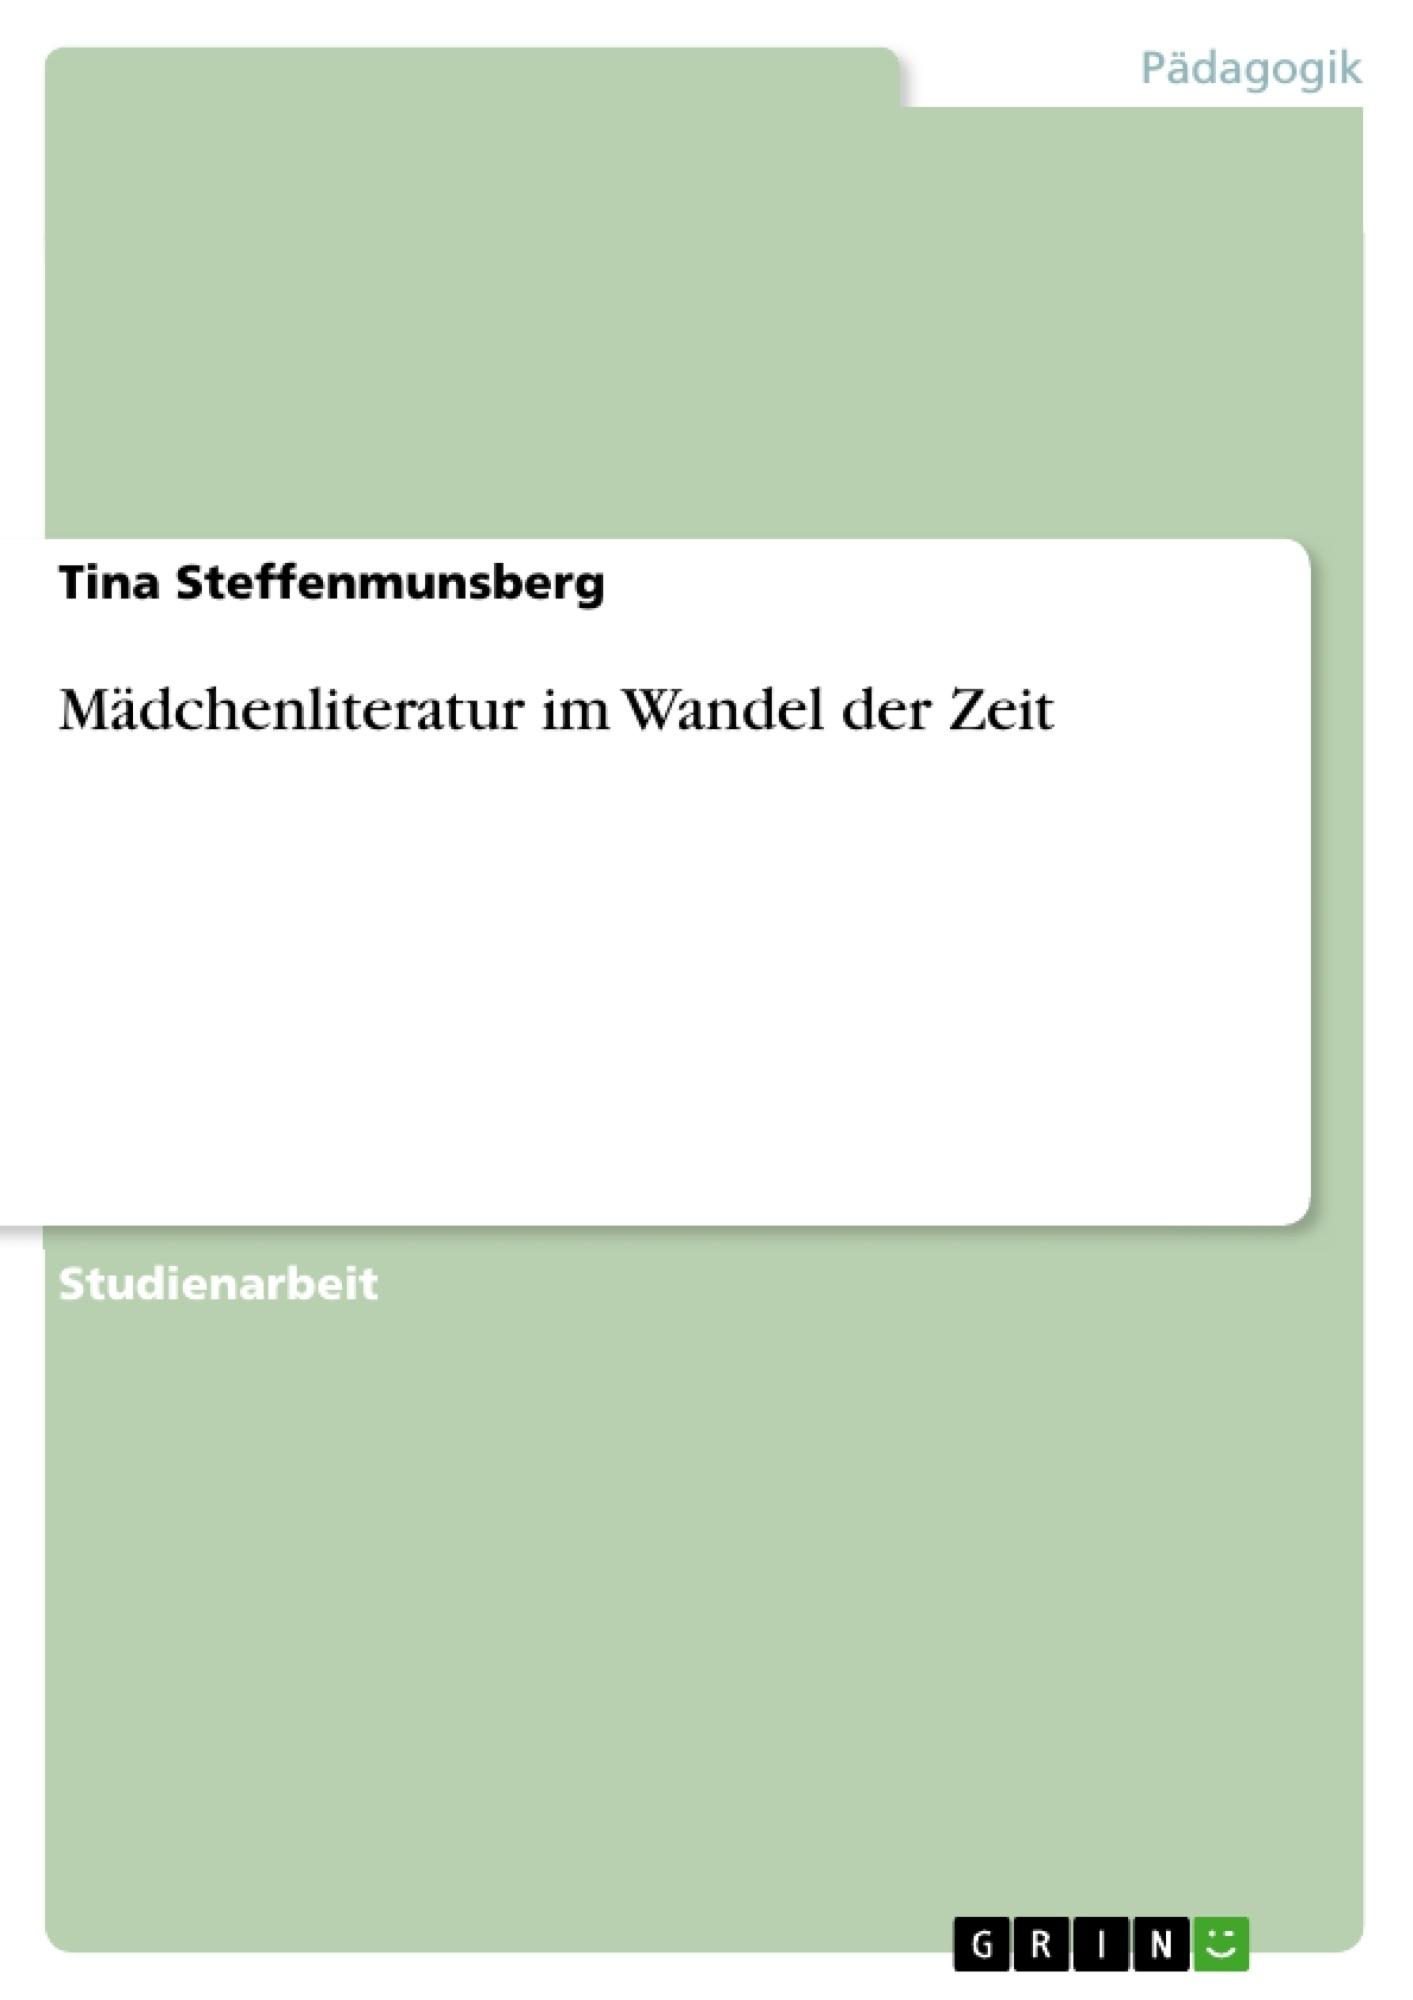 Titel: Mädchenliteratur im Wandel der Zeit